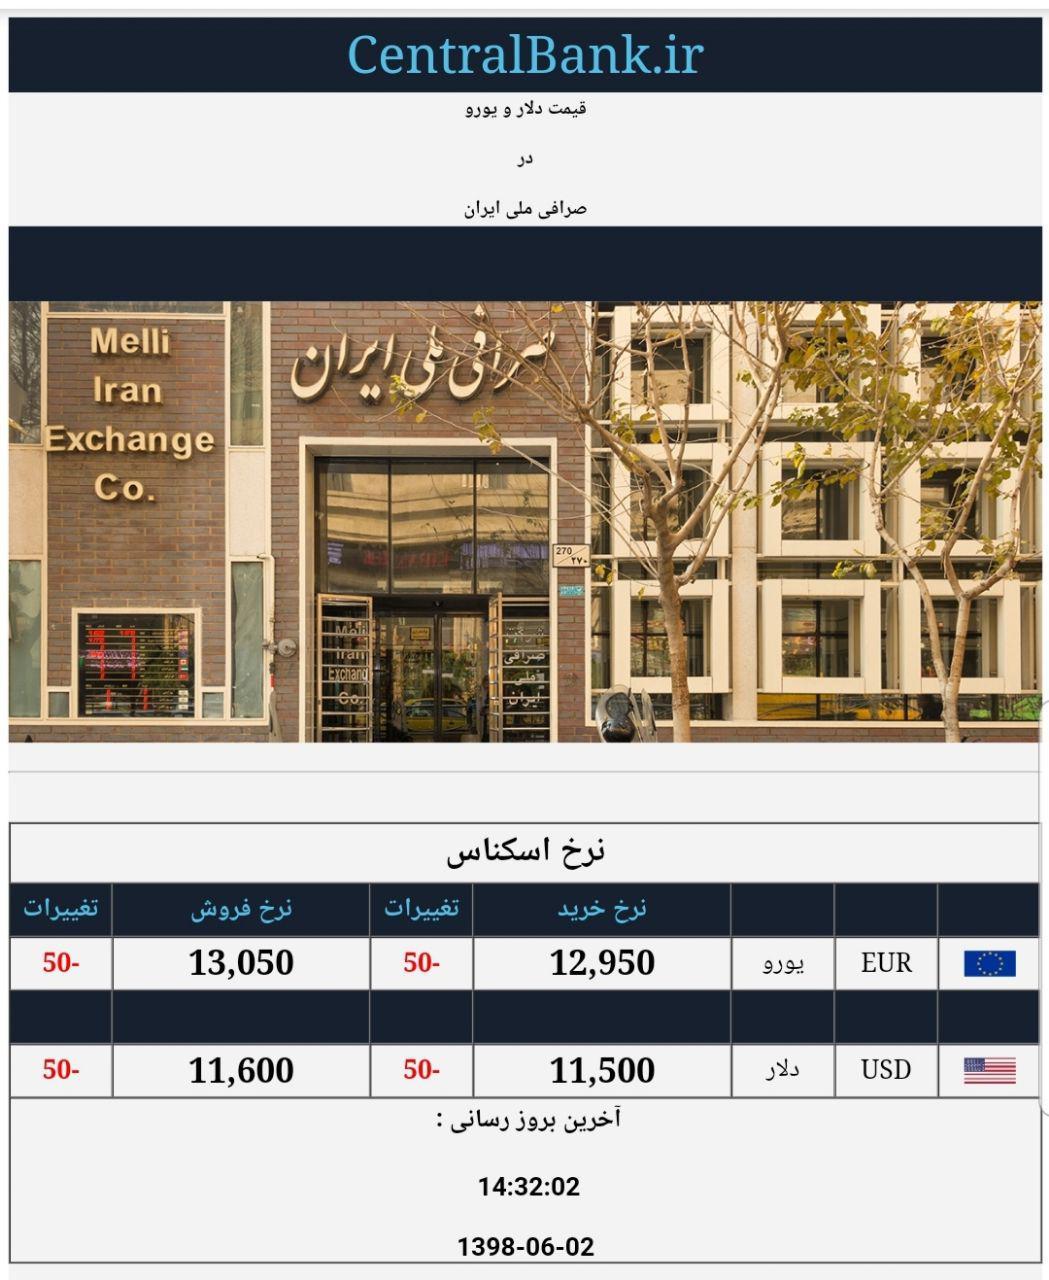 قیمت دلار و یورو در صرافی ملی امروز دوم شهریور 98